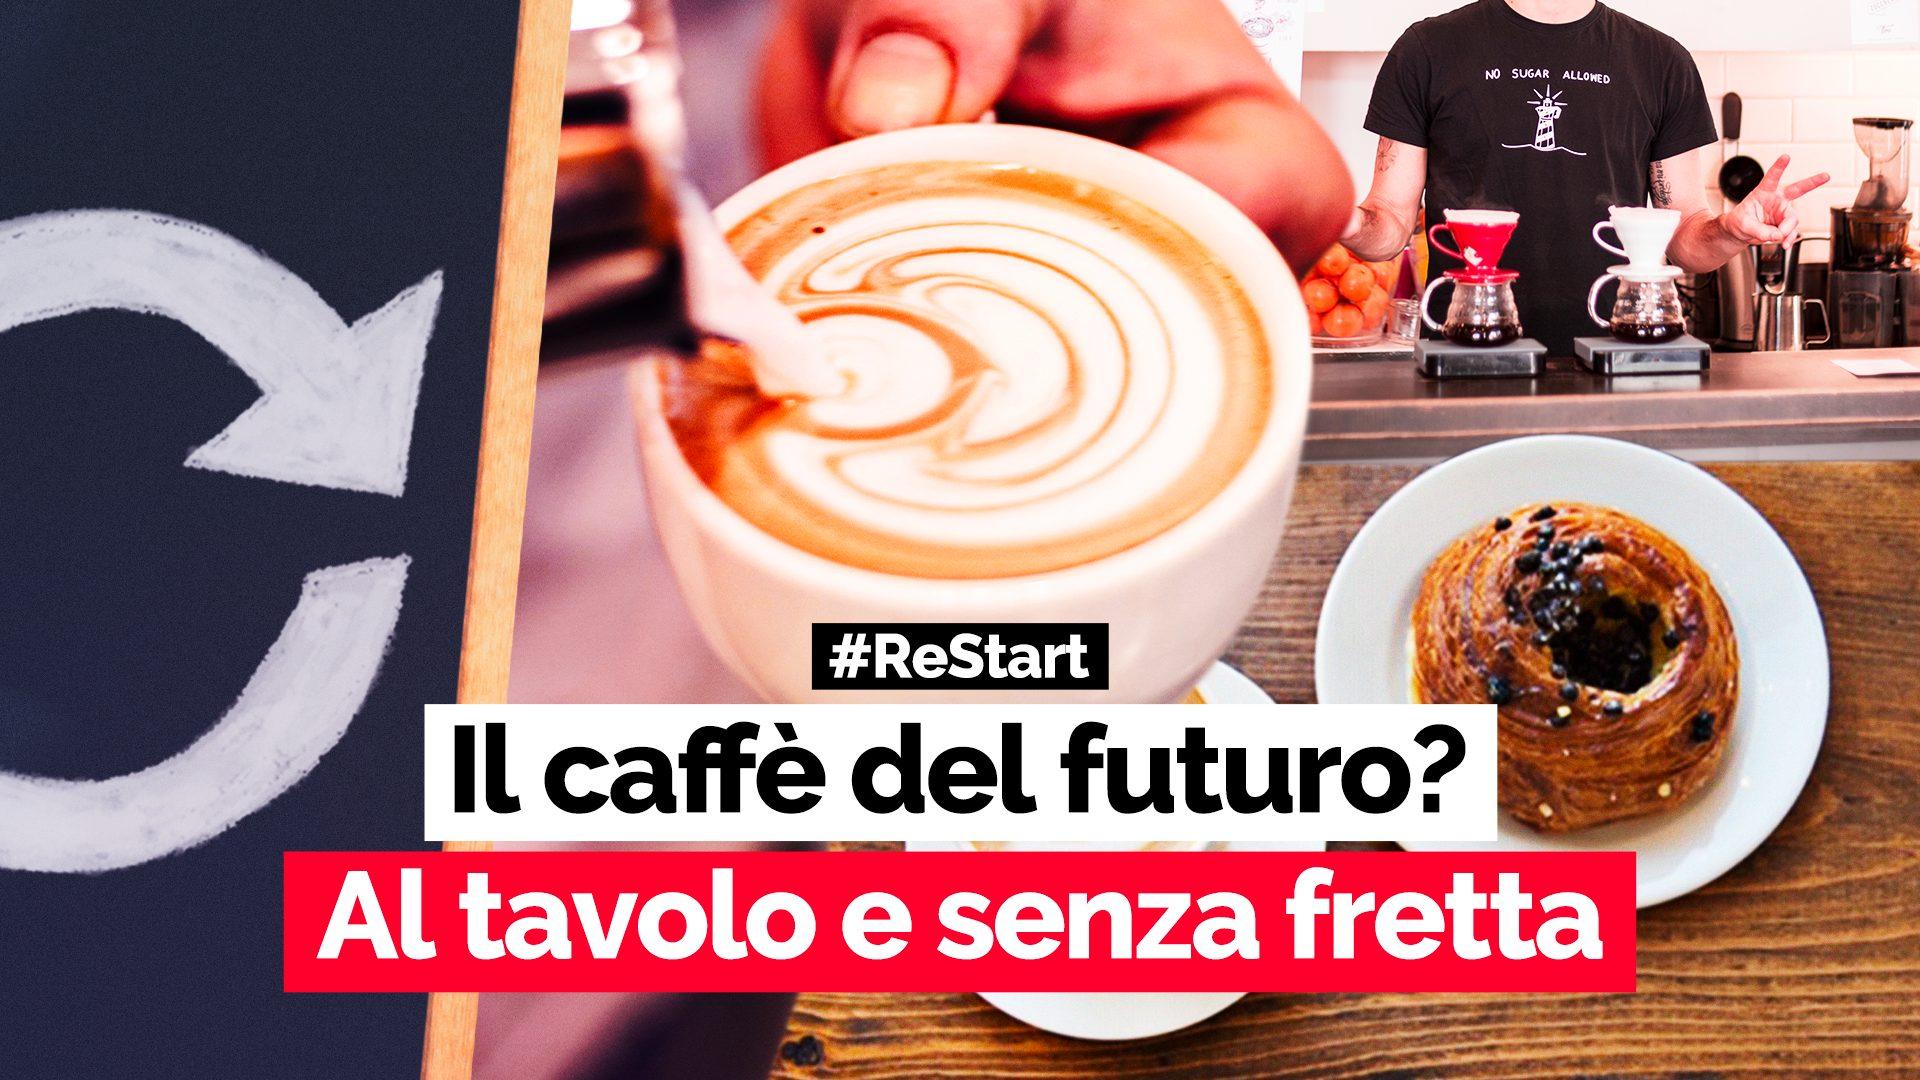 Il caffè del futuro? Al tavolo e senza fretta secondo Dario Fociani di Faro Caffè